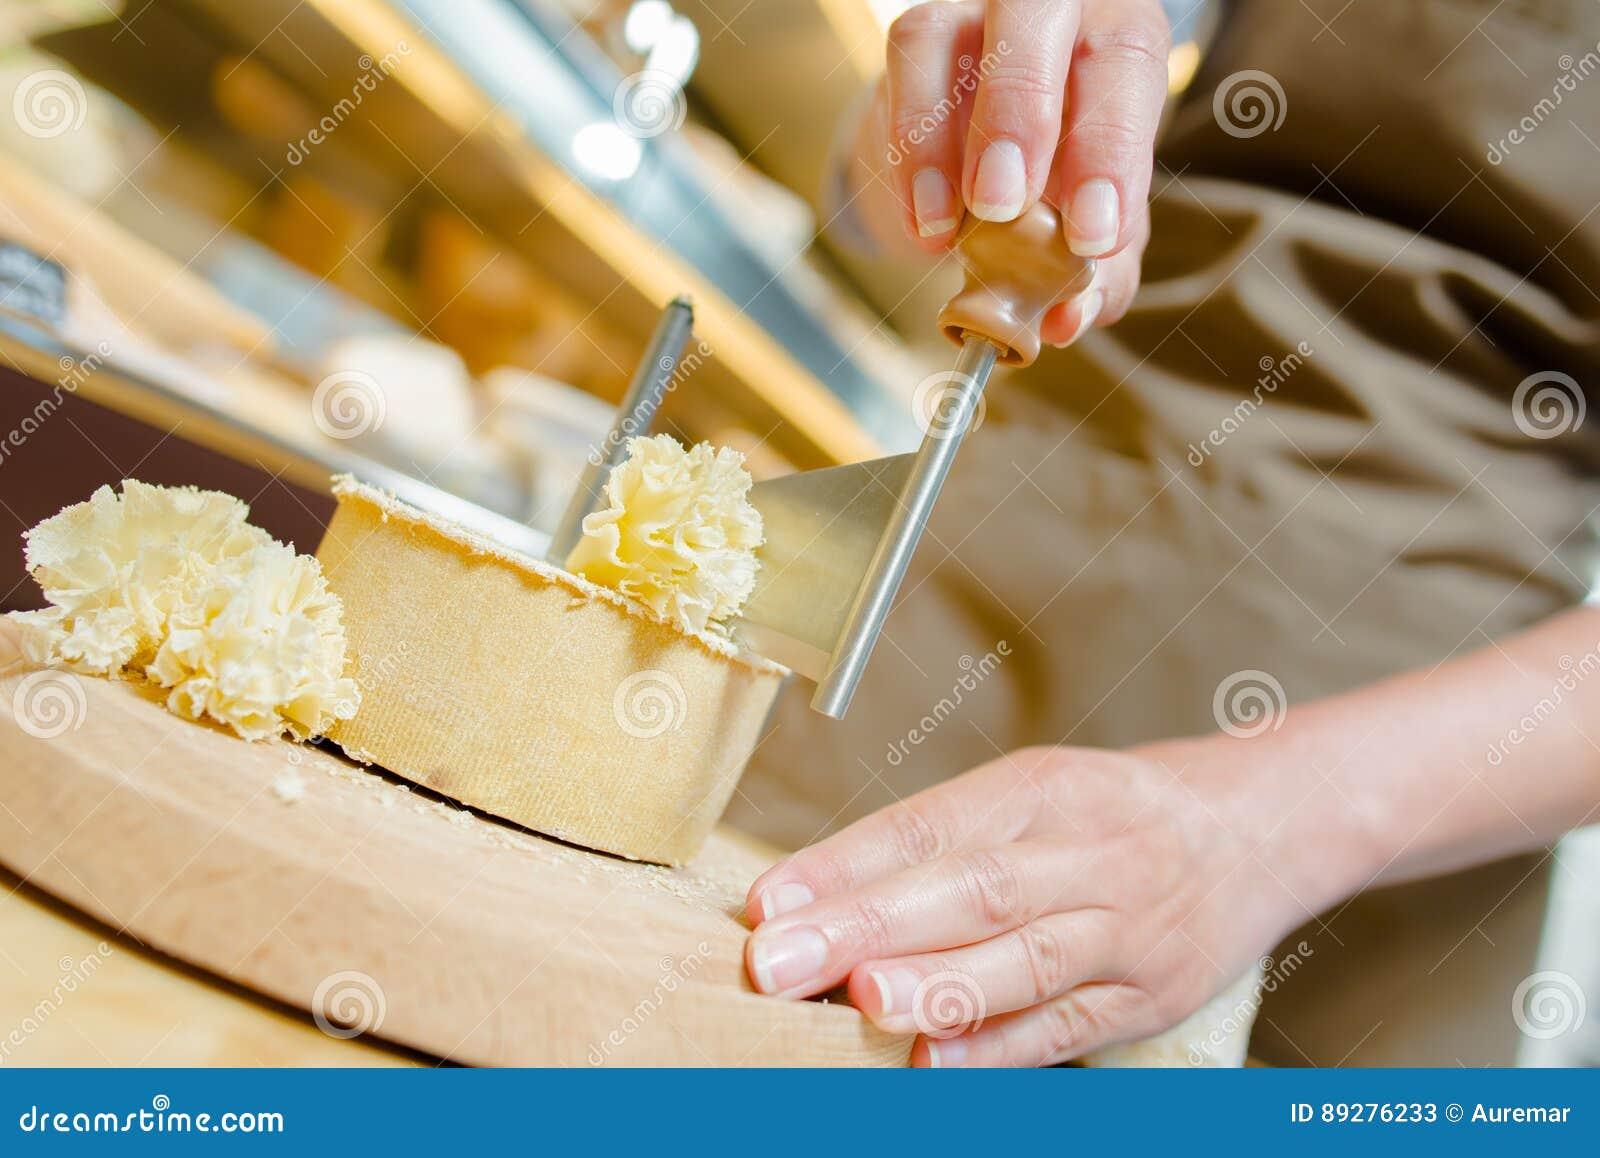 刮分层堆积乳酪